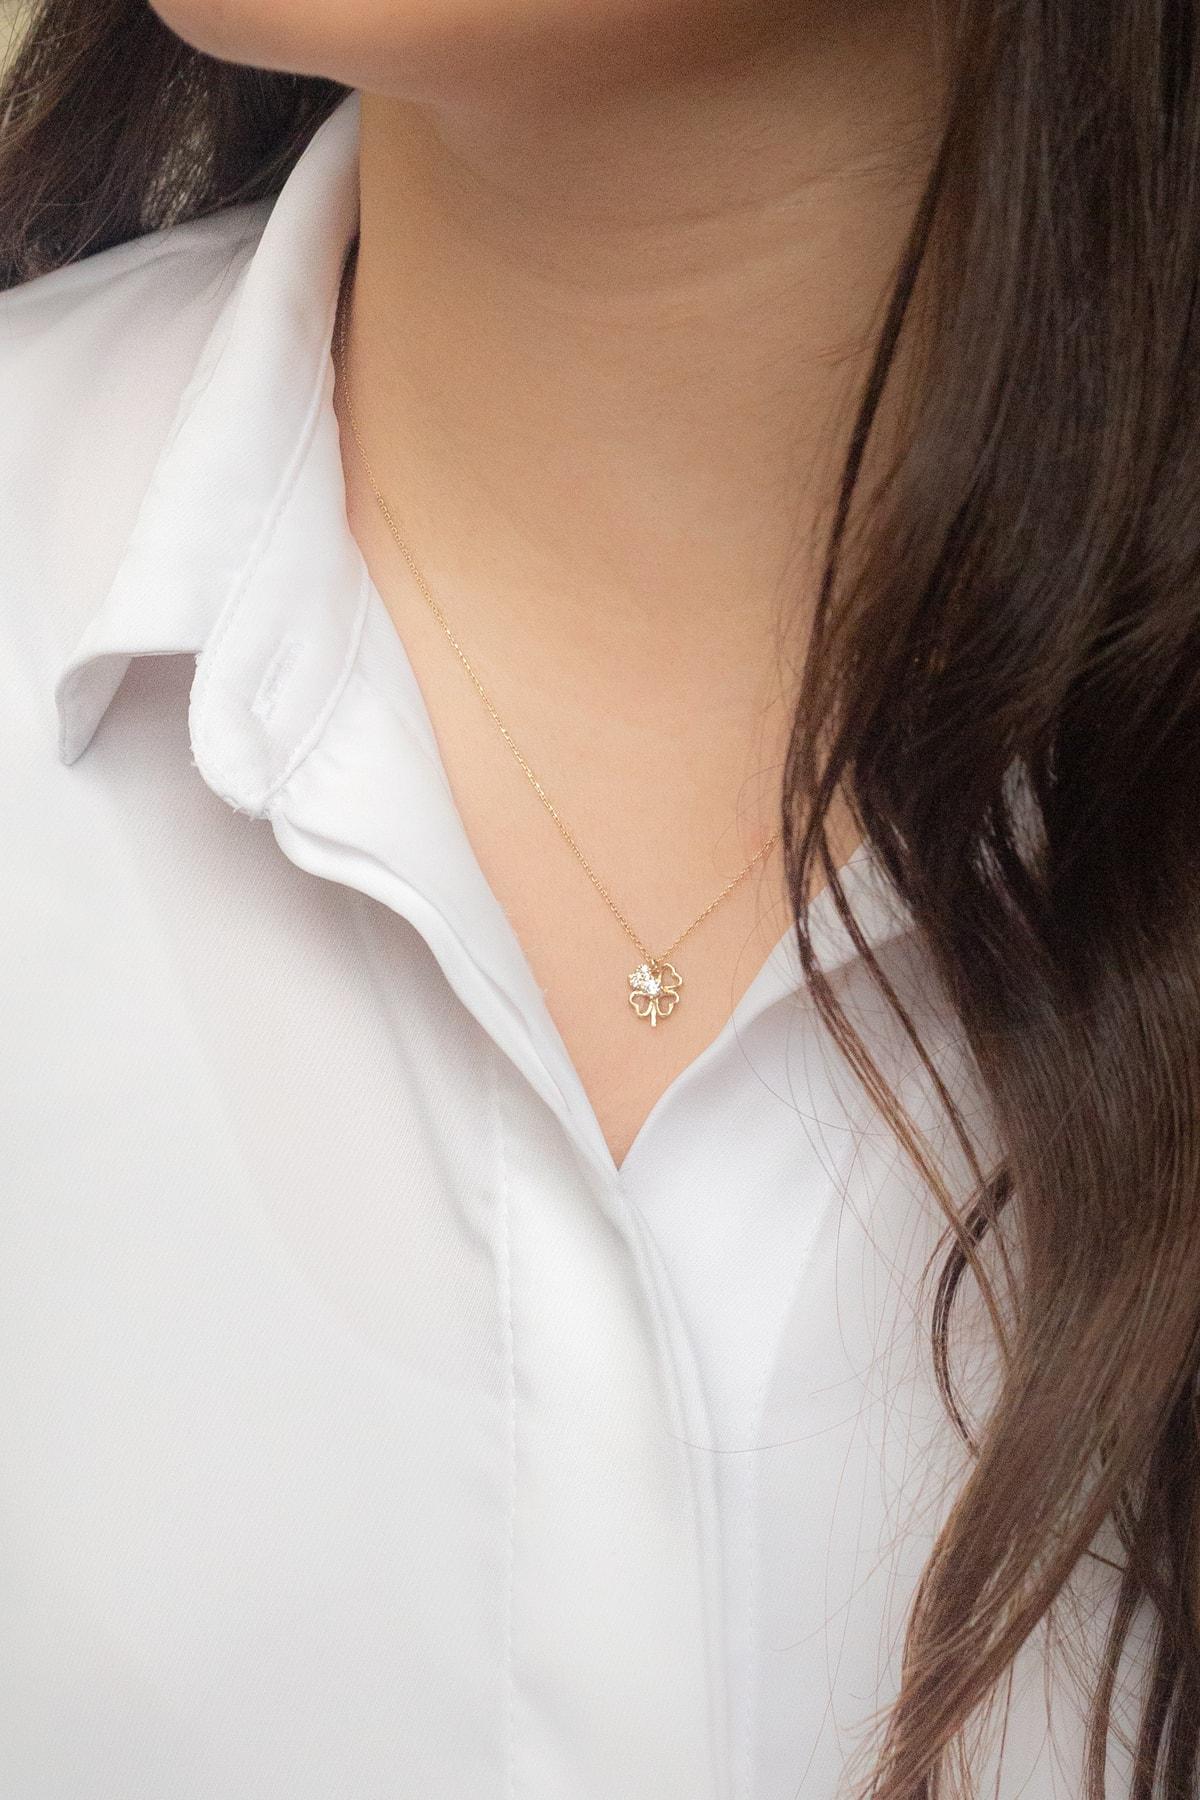 Gelin Pırlanta Gelin Diamond 14 Ayar Altın 4 Yapraklı Içi Taşlı Kalp Şekilli Yonca Şans Kolye 2